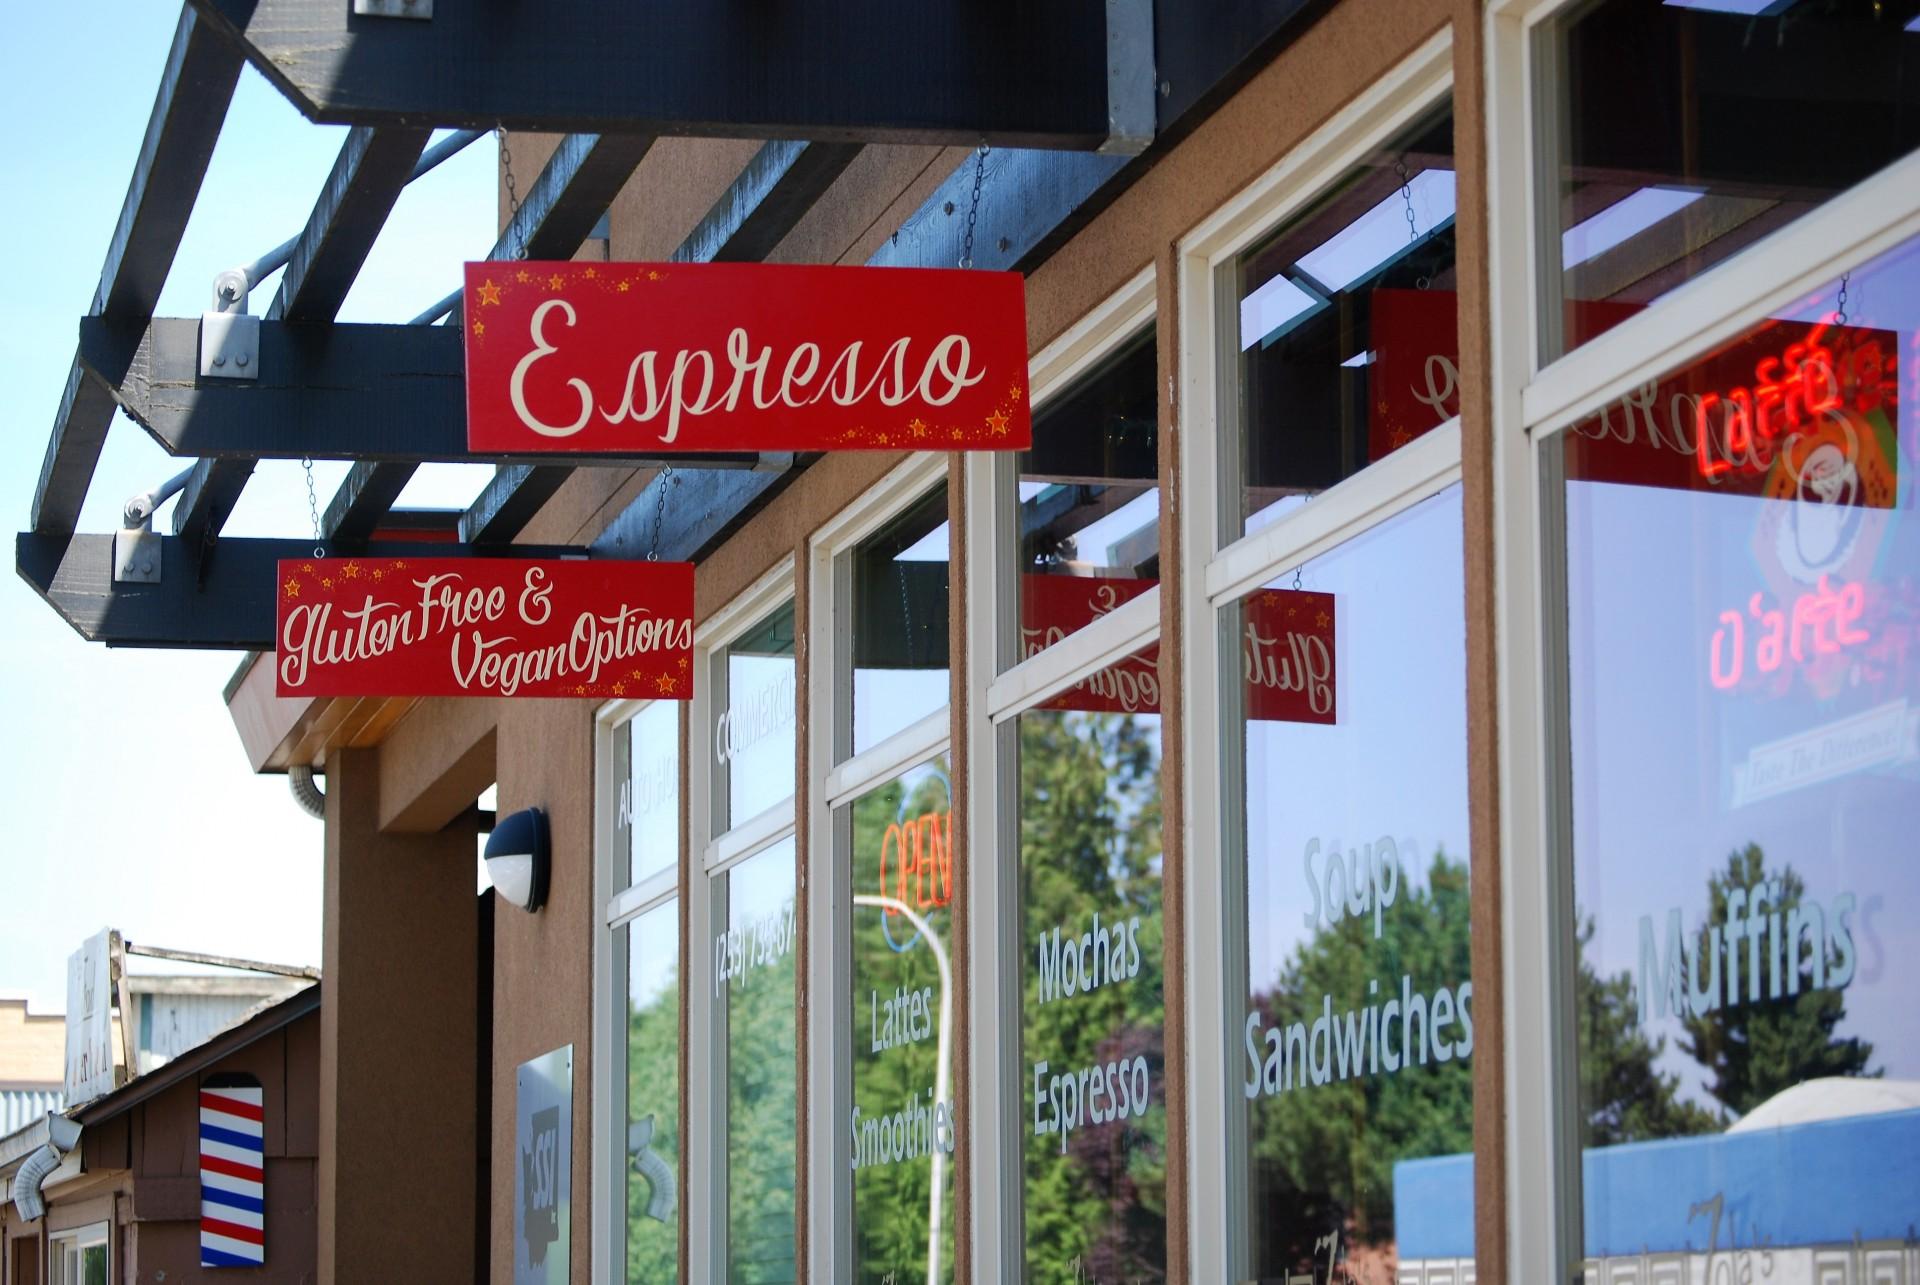 Zola's Coffee Shop 1